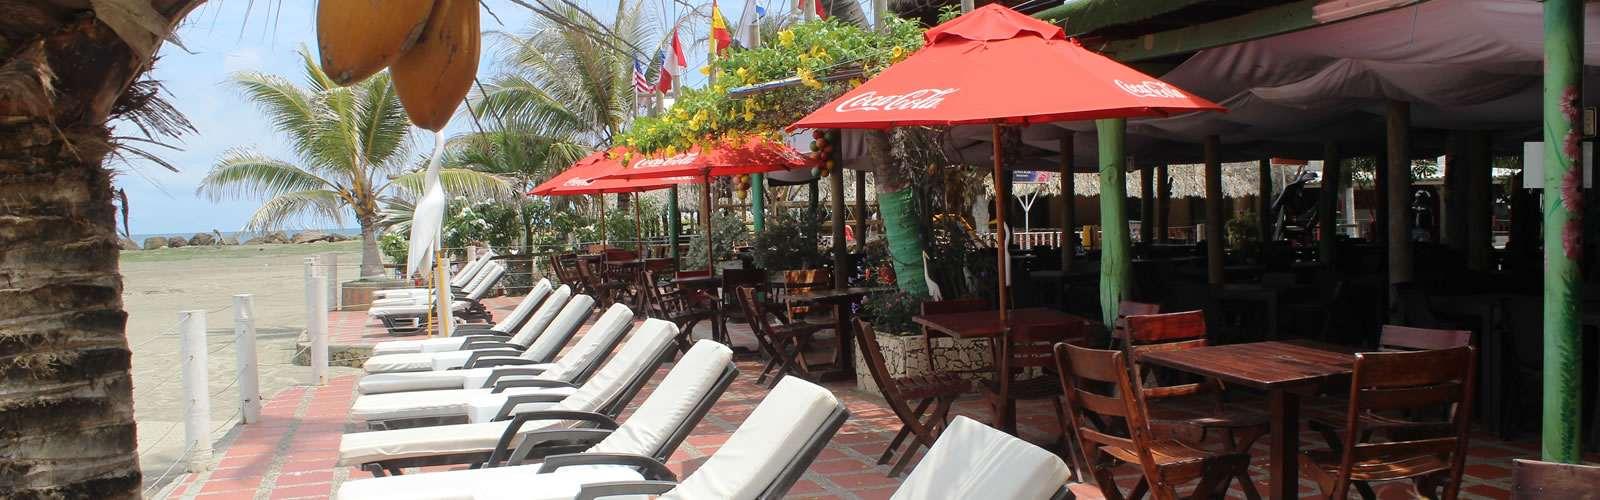 Restaurante a la orilla del mar cartagena